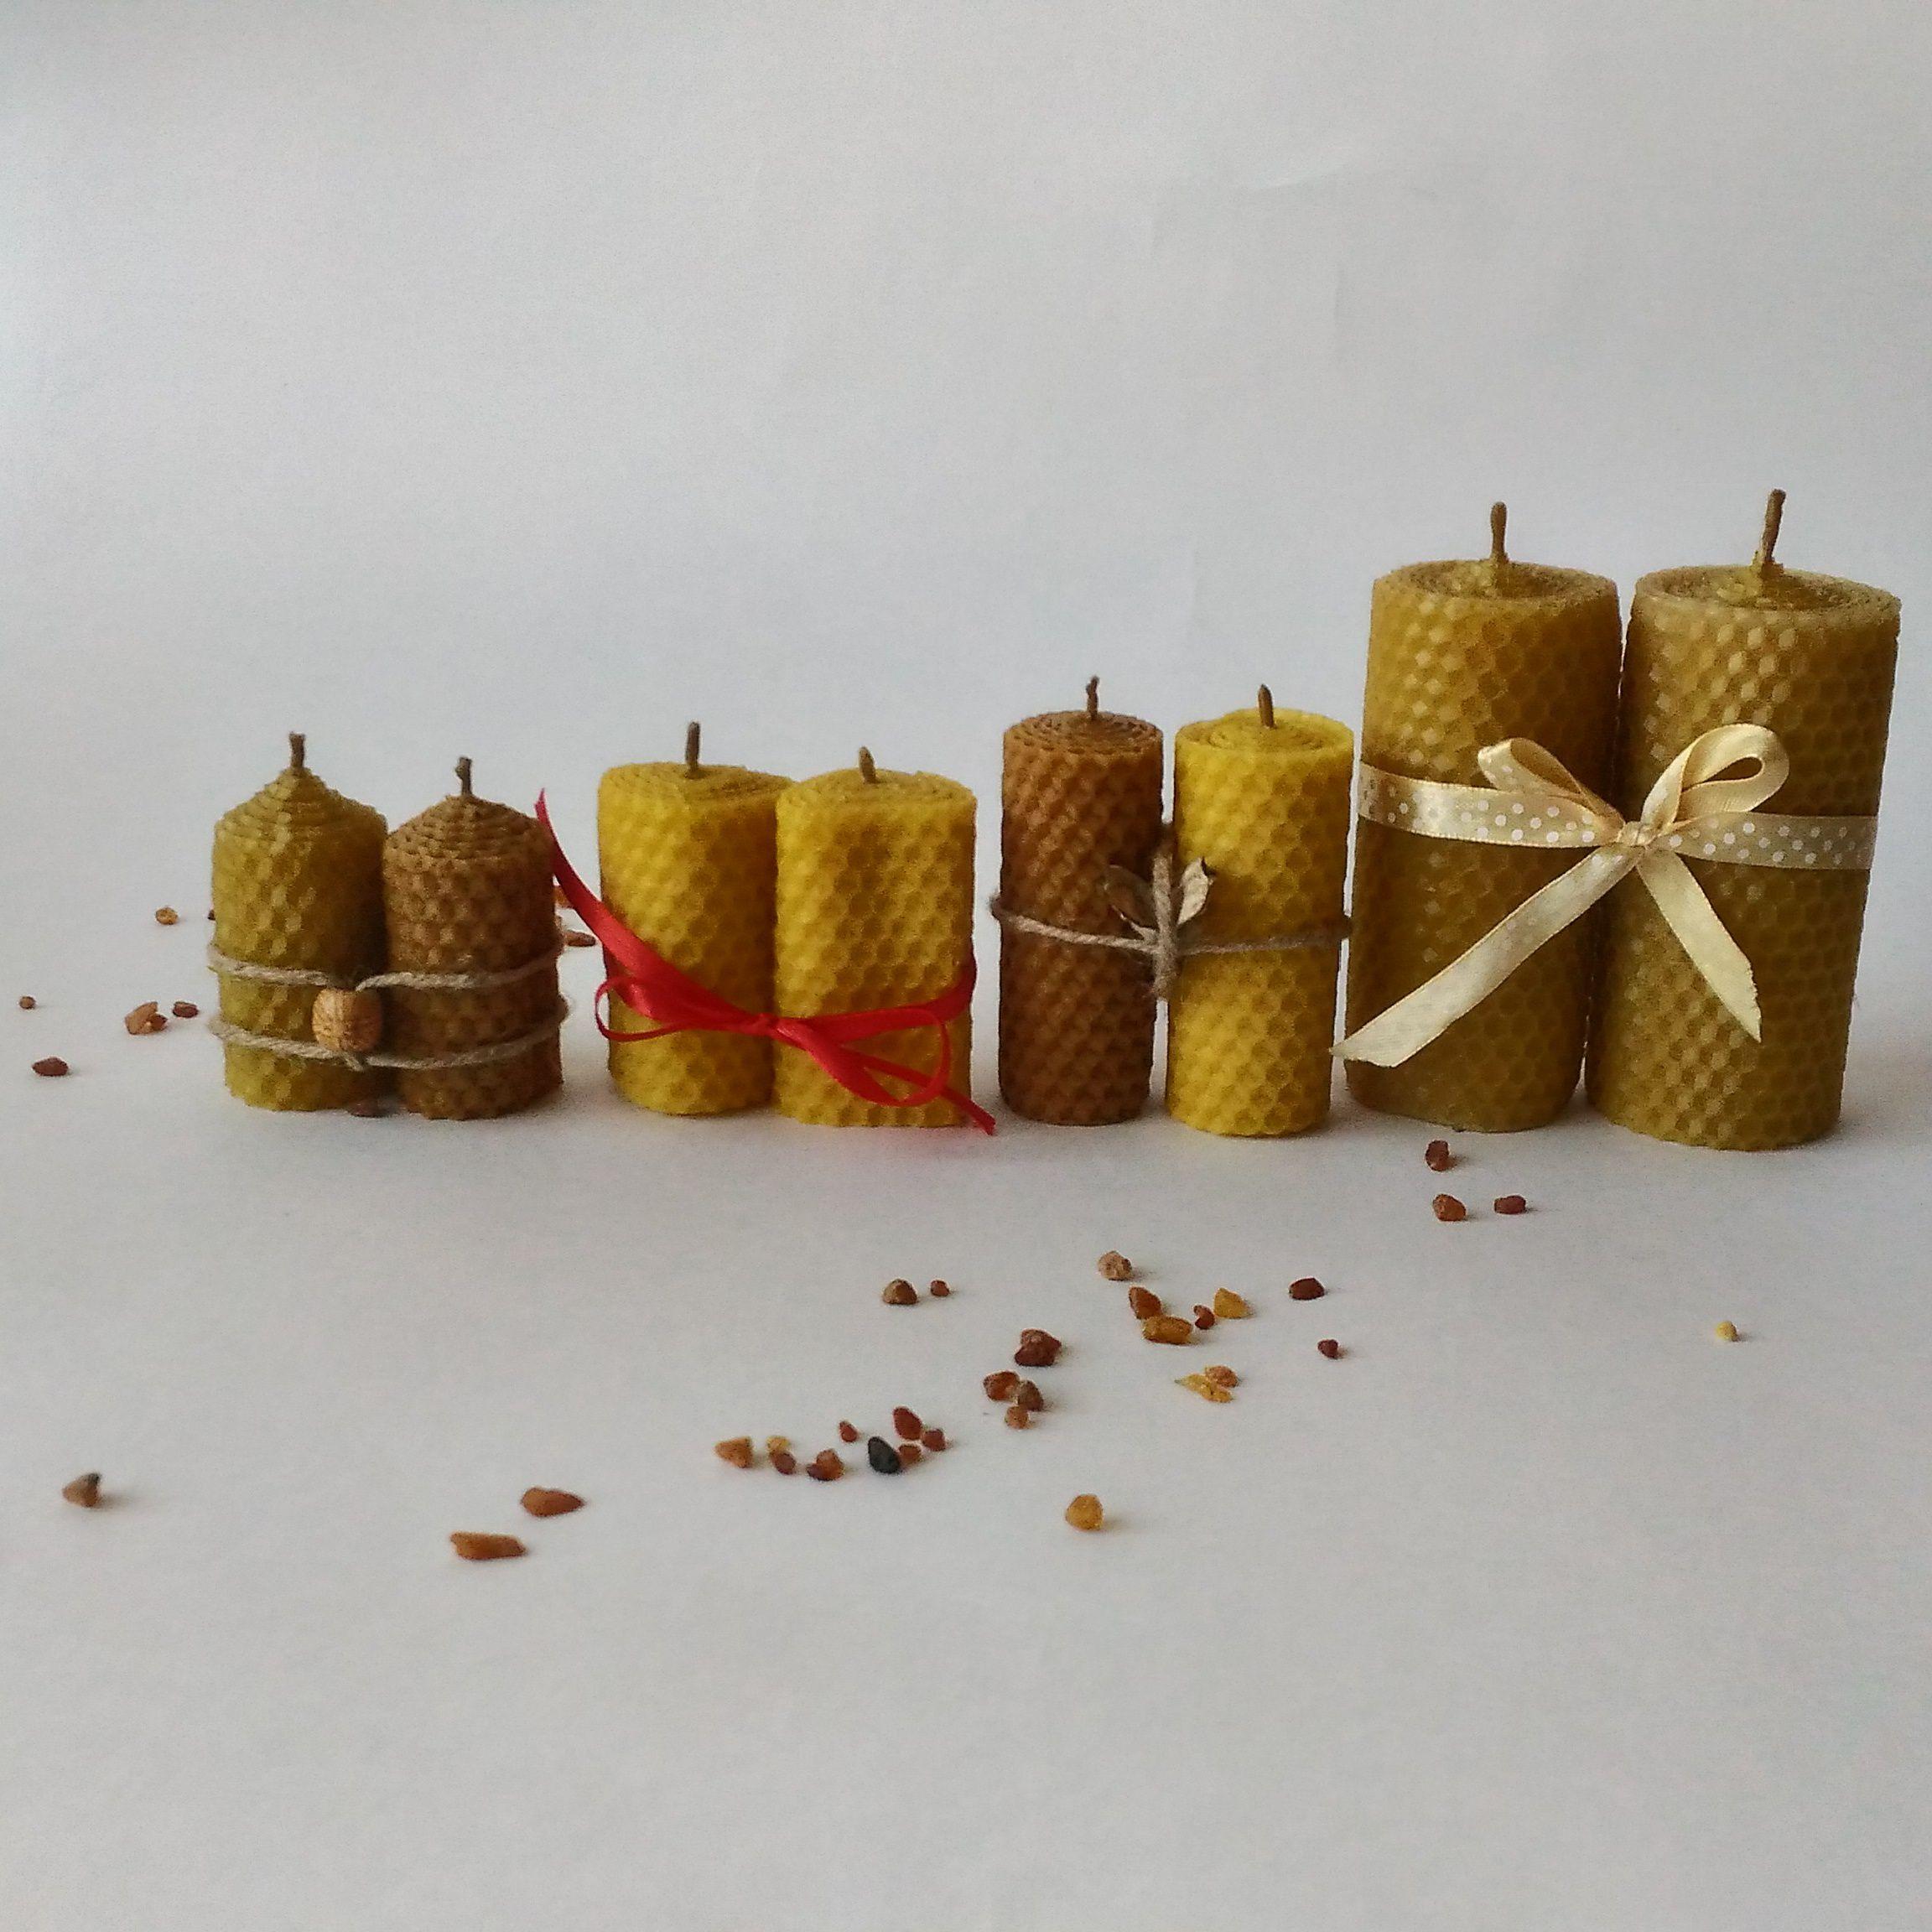 свечинасвадьбу свадебныесвечи свечивподарок свечиручнойработы медовыесвечи свечиизвощины свечи